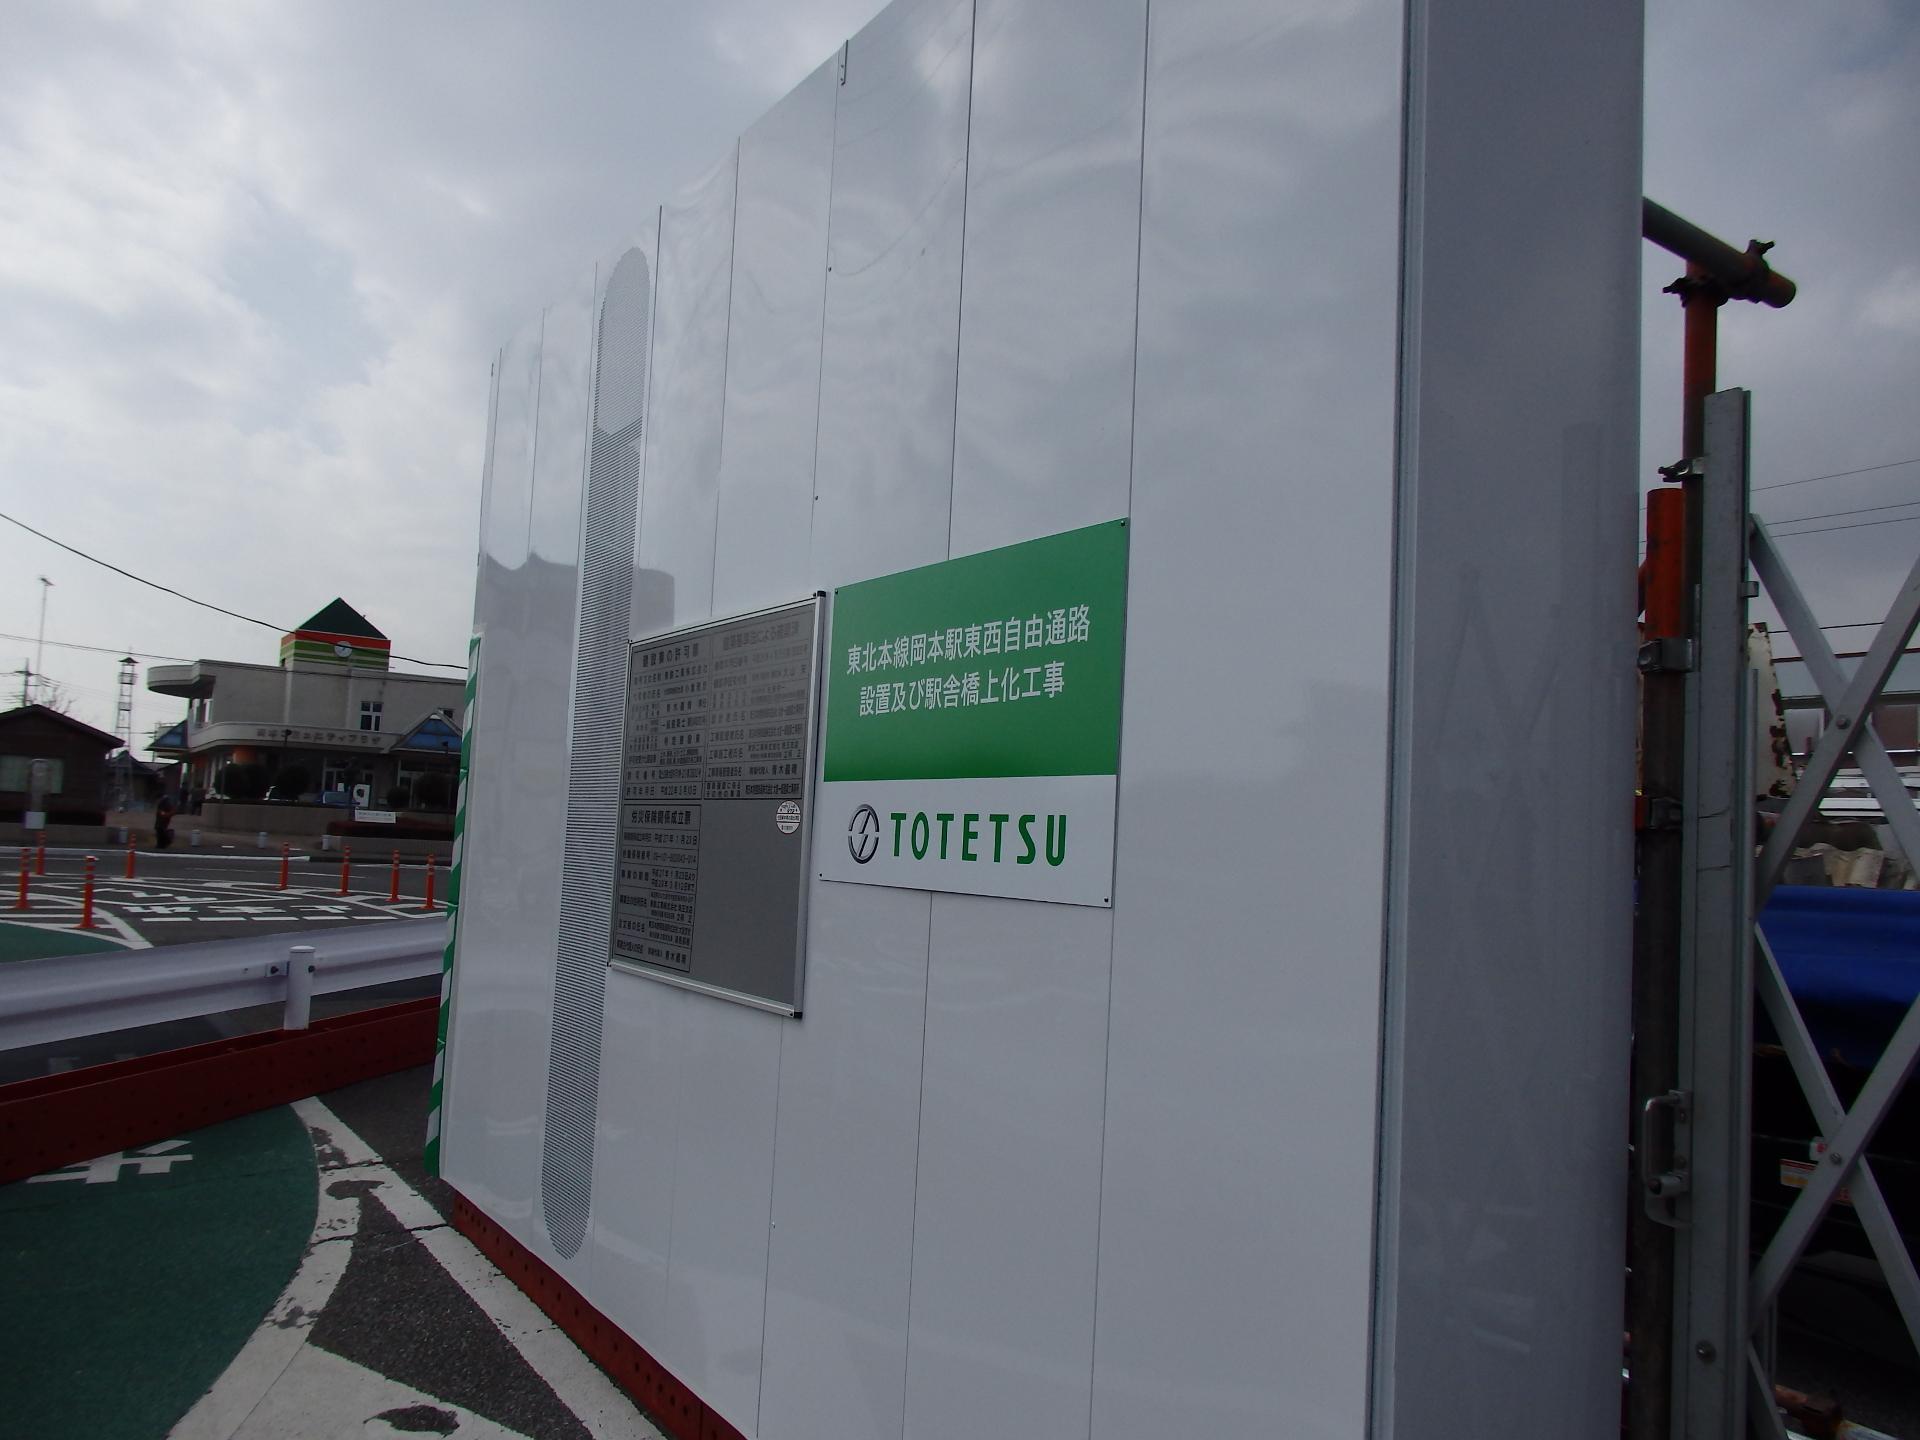 岡本駅の改修工事です。